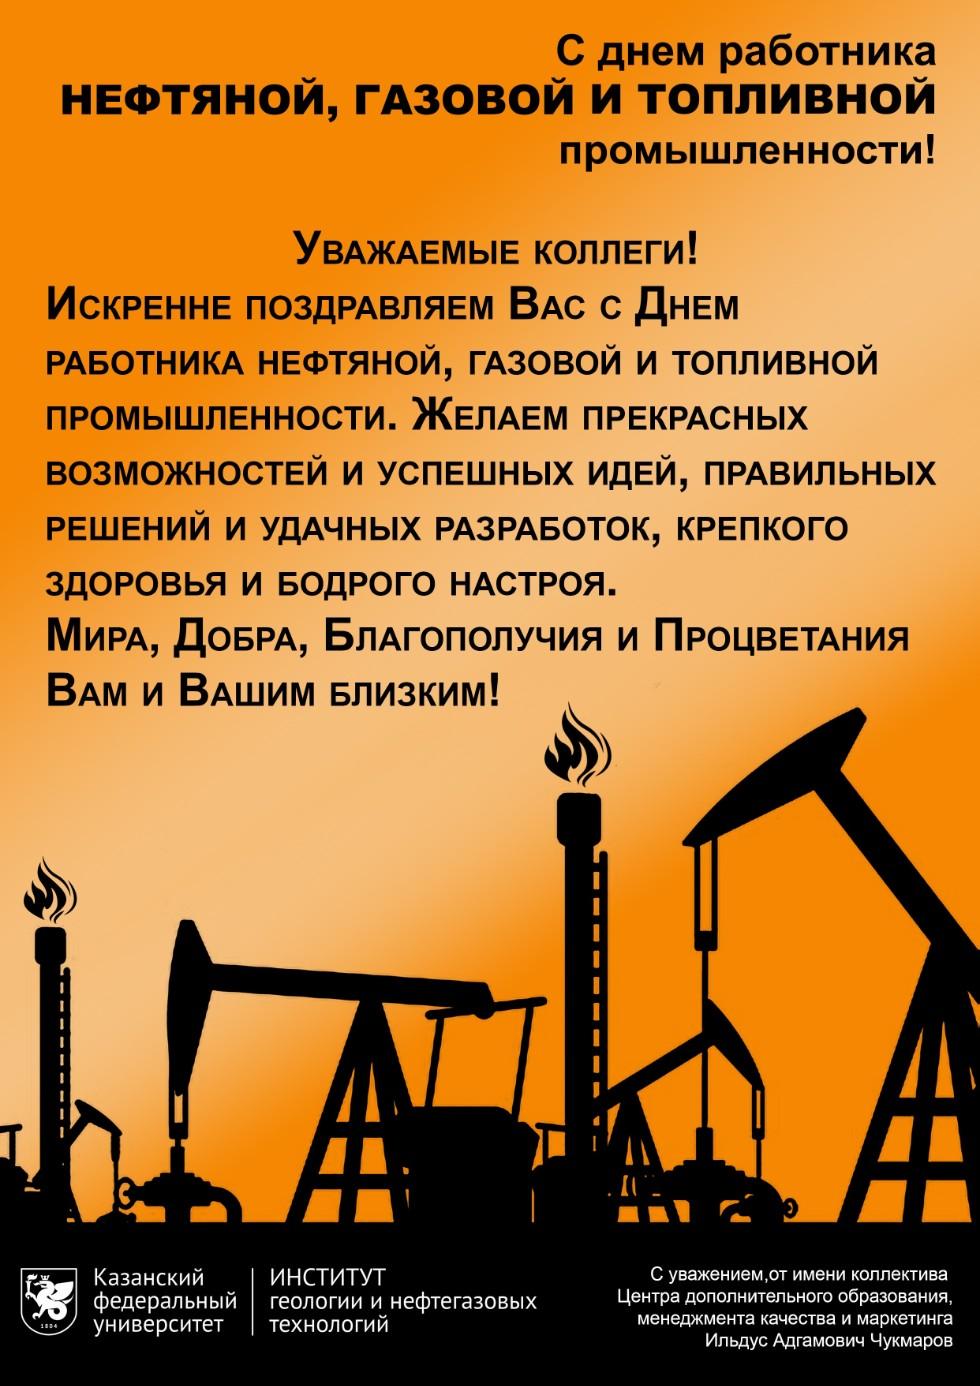 Поздравление с днем работников нефтяной и газовой промышленности открытки